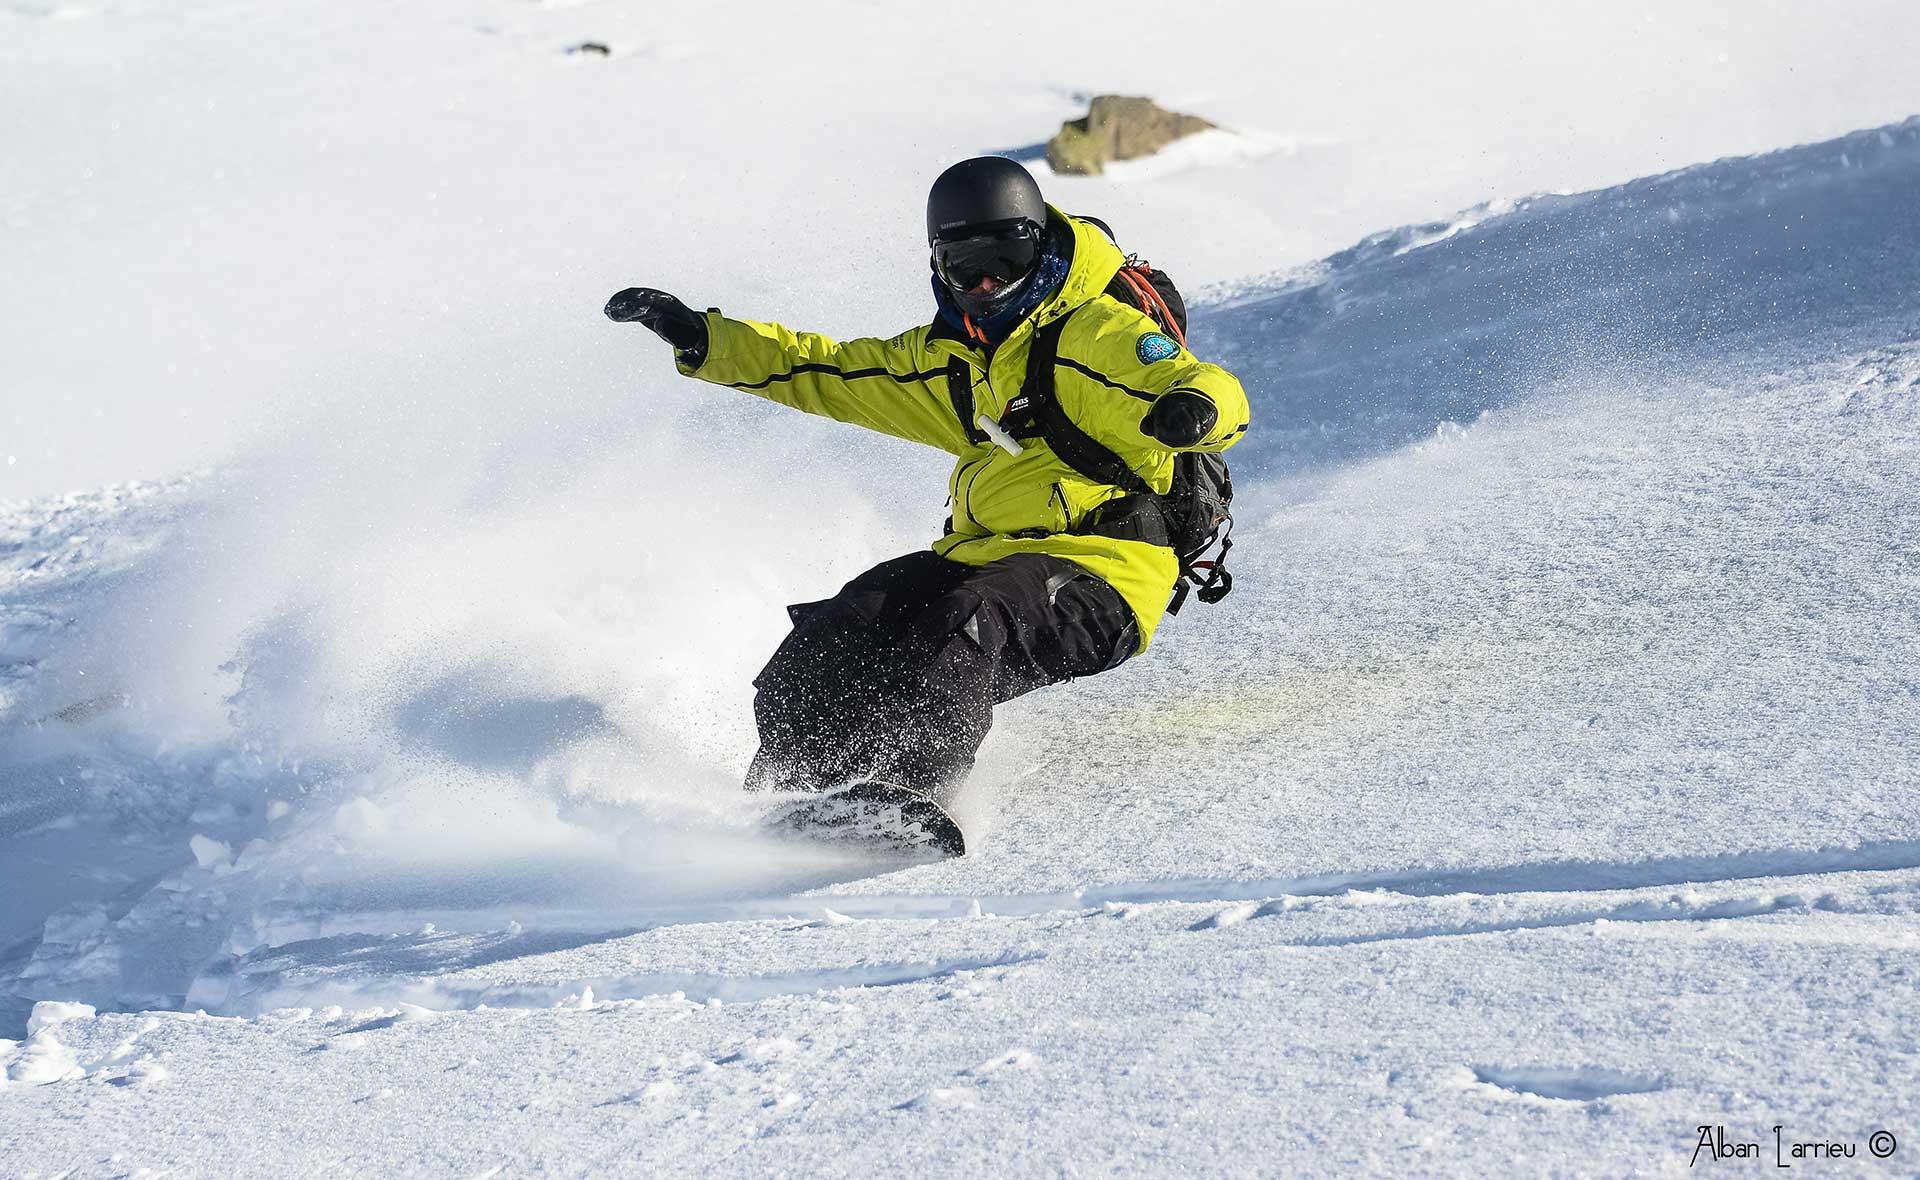 cours snowboard moniteur prosneige